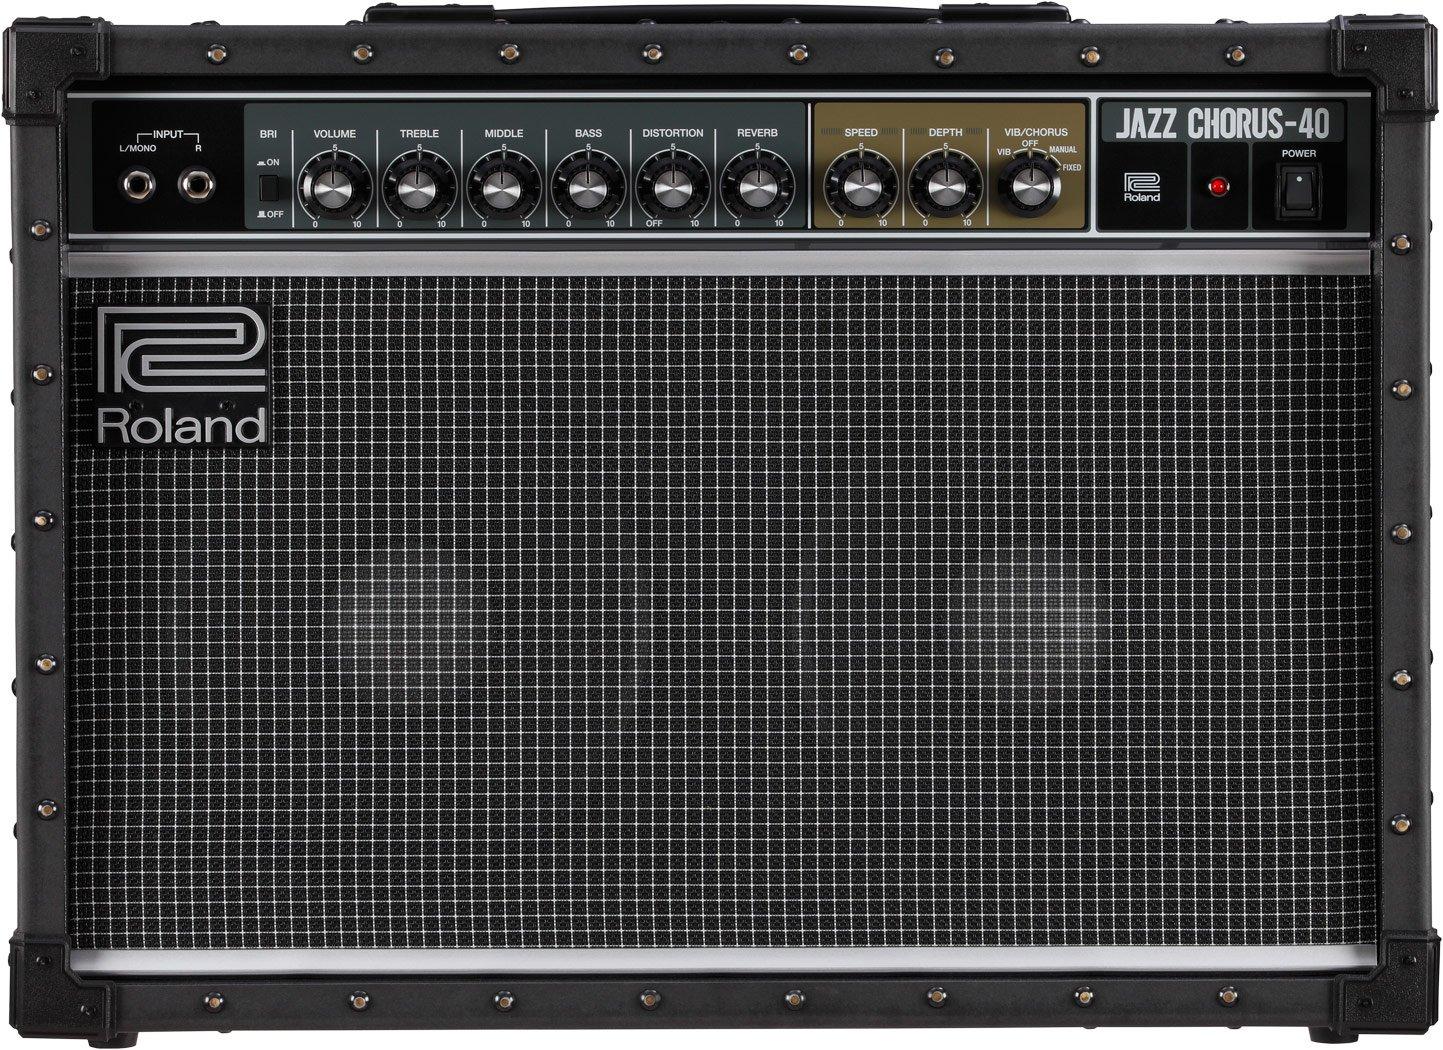 Roland JC-40 Jazz Chorus Amplifier